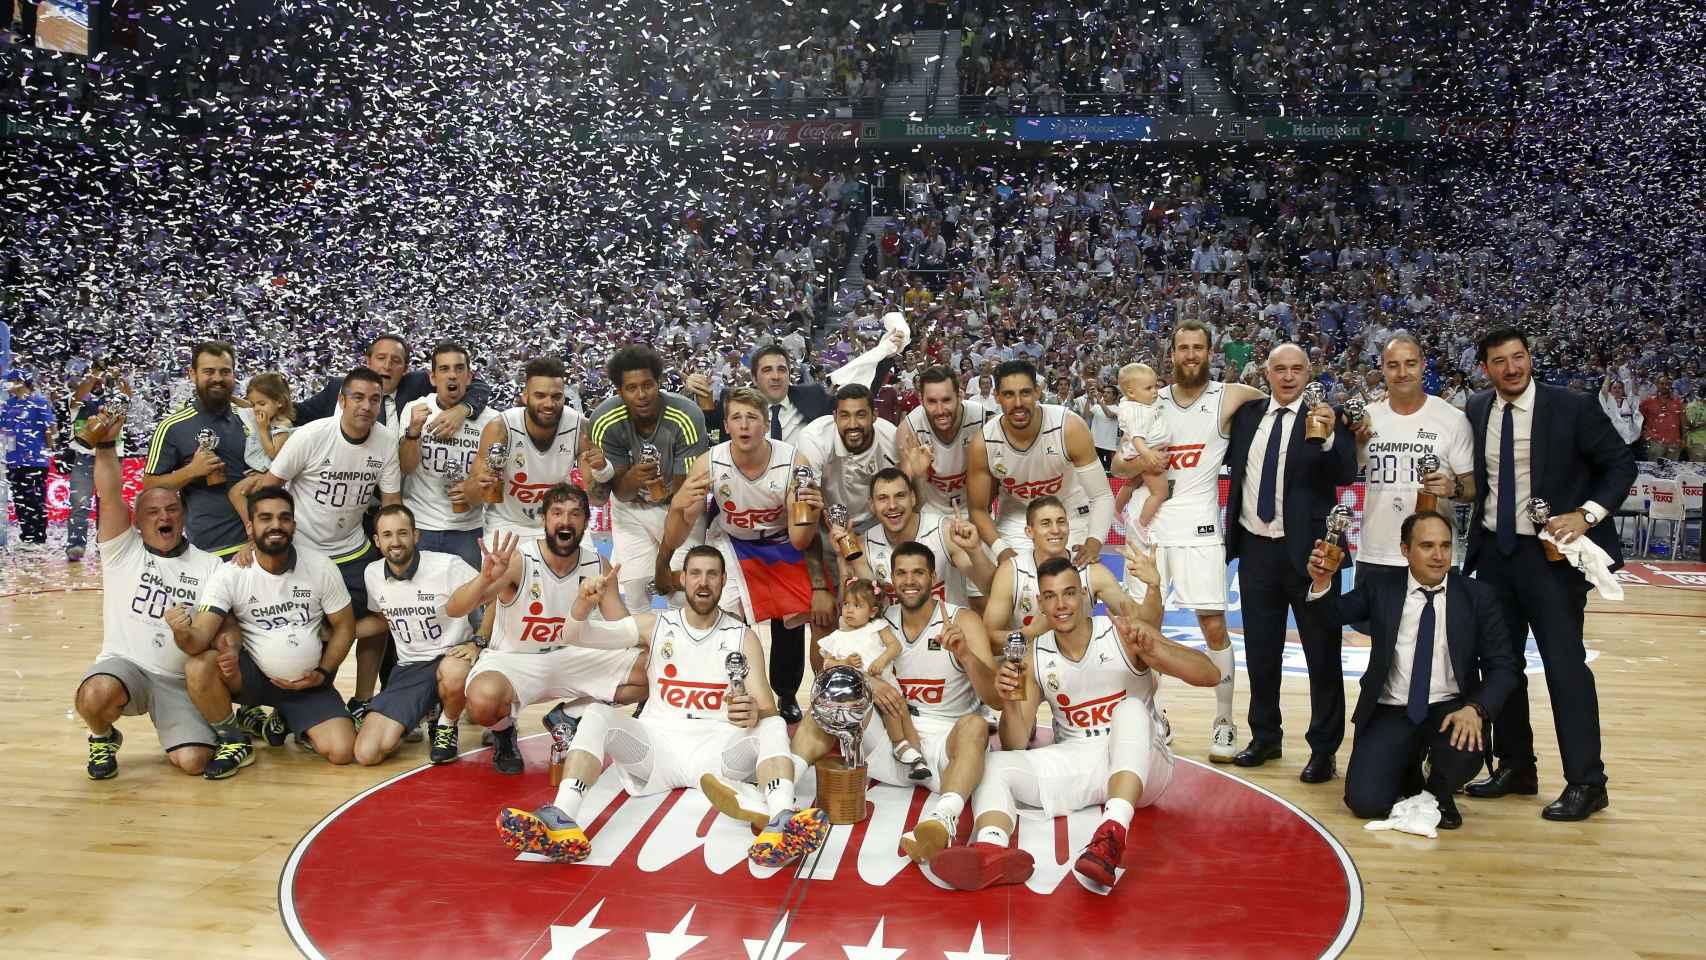 El Real Madrid se proclamó campeón tras imponerse por 3-1 en la final al Barcelona Lassa.